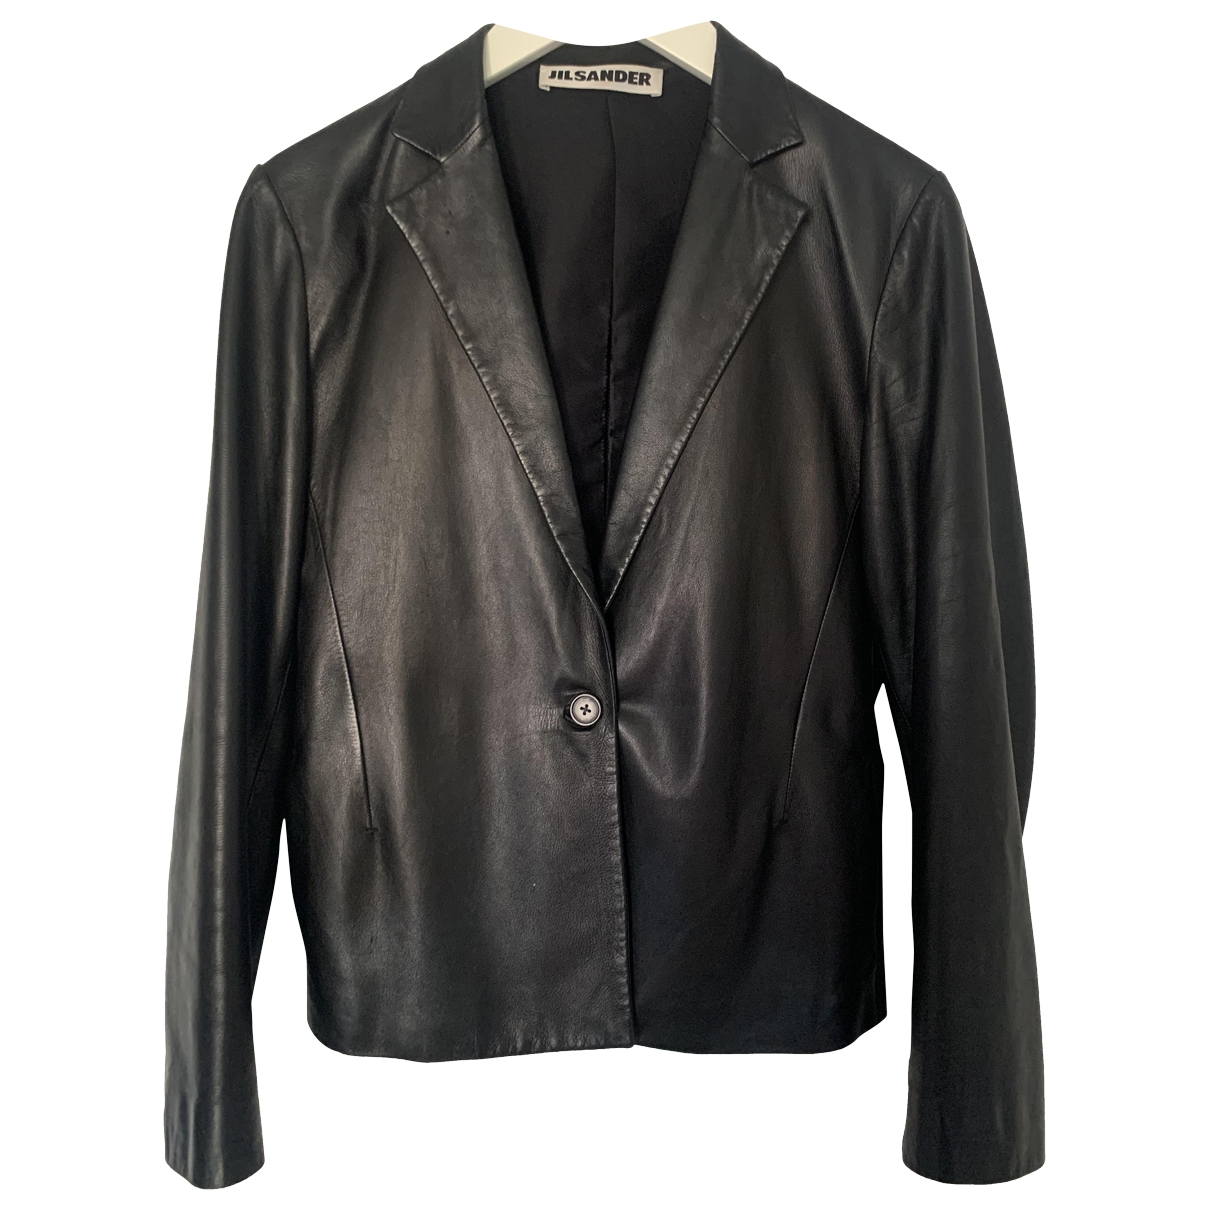 Jil Sander - Veste   pour femme en cuir - noir